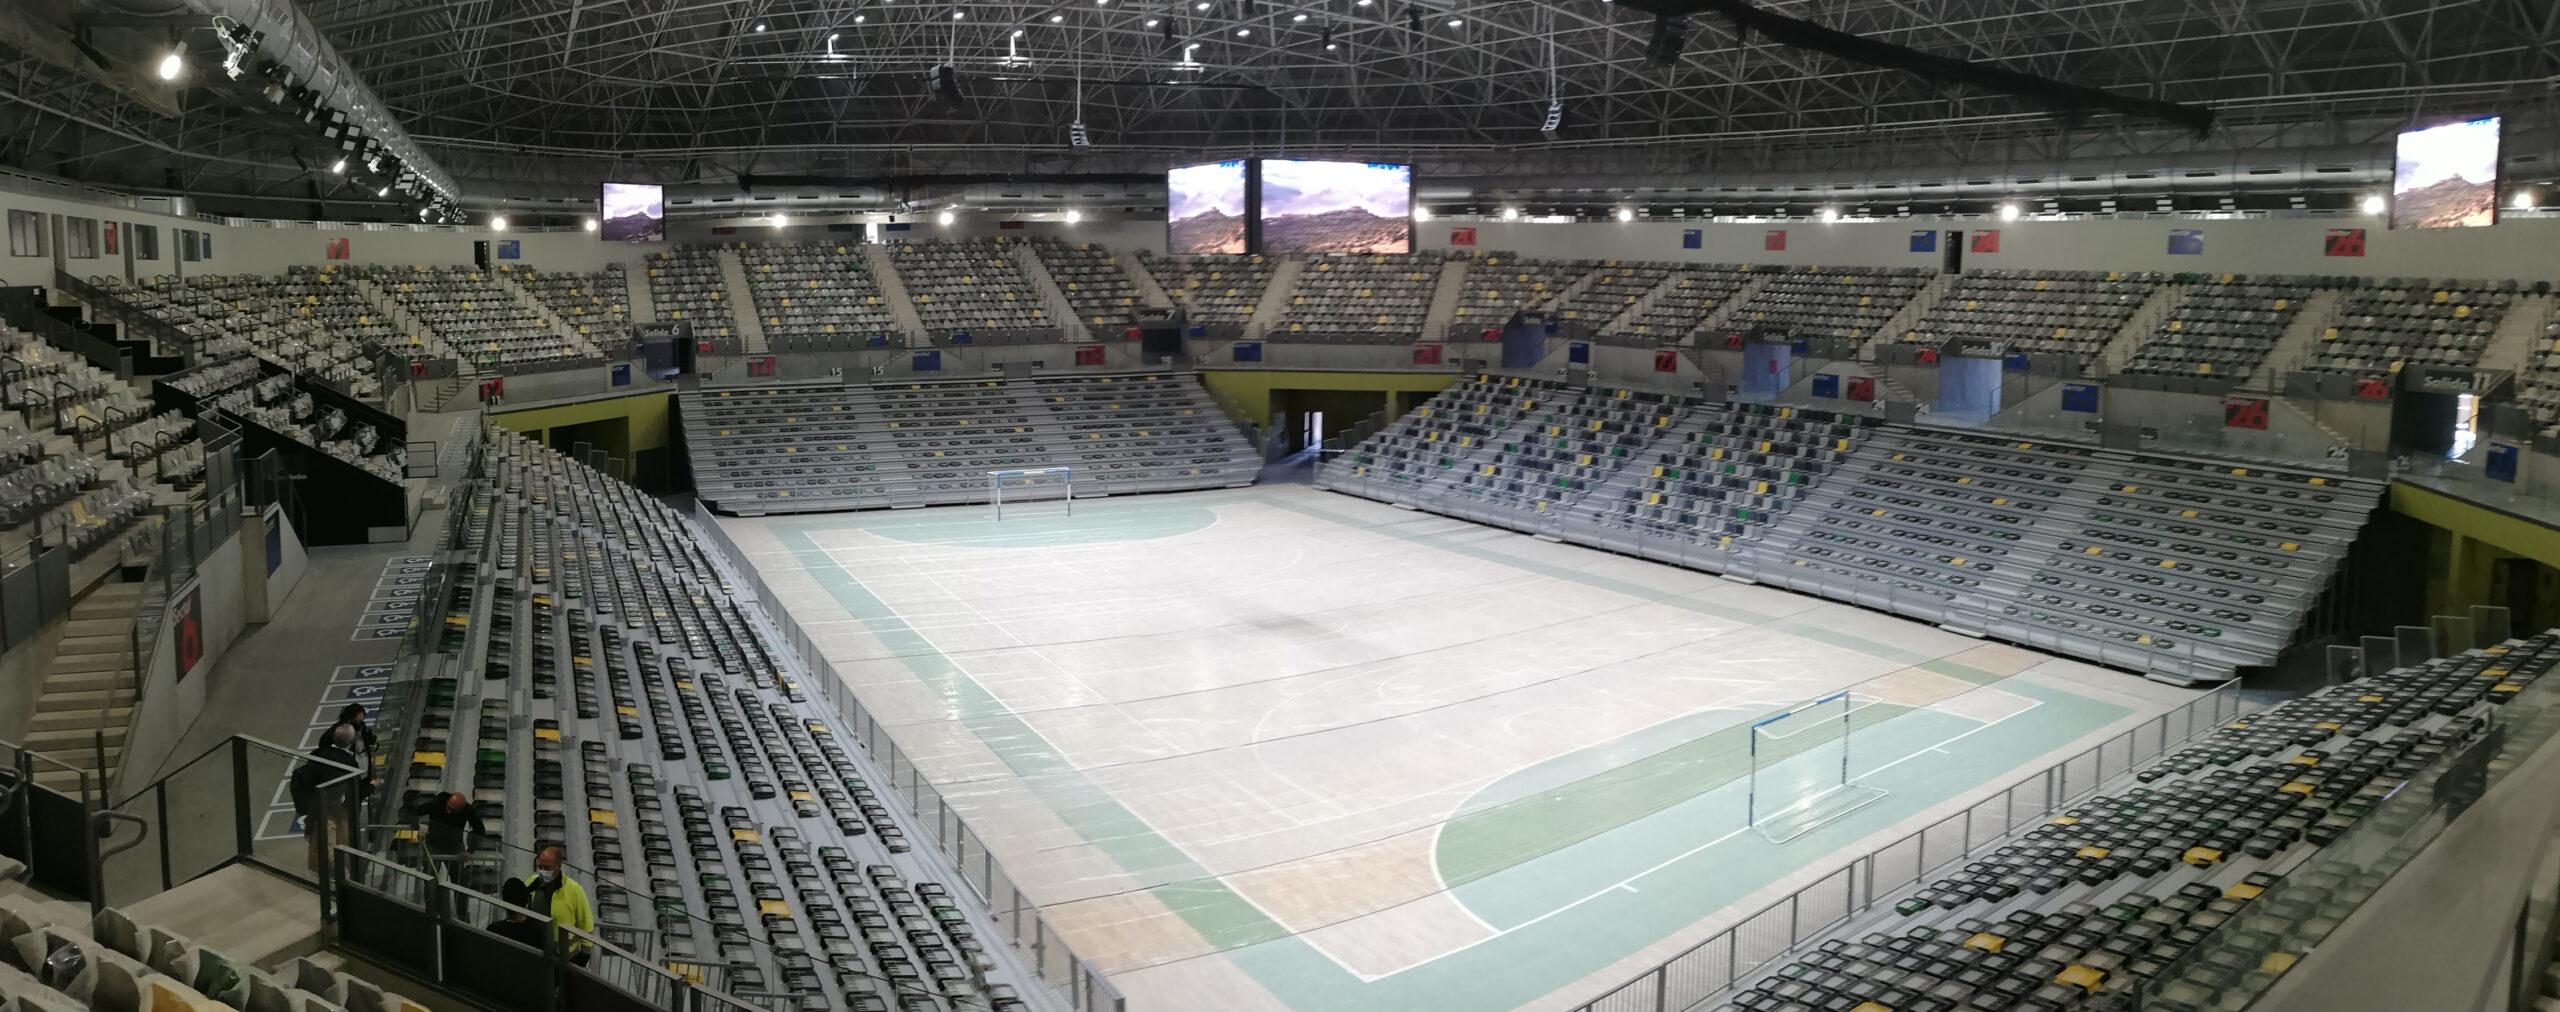 El Olivo Arena de Jaén, equipado con gradas telescópicas, Mondo Smart Systems, cubo led, pantallas led, cortinas divisorias y equipamiento deportivo de Mondo